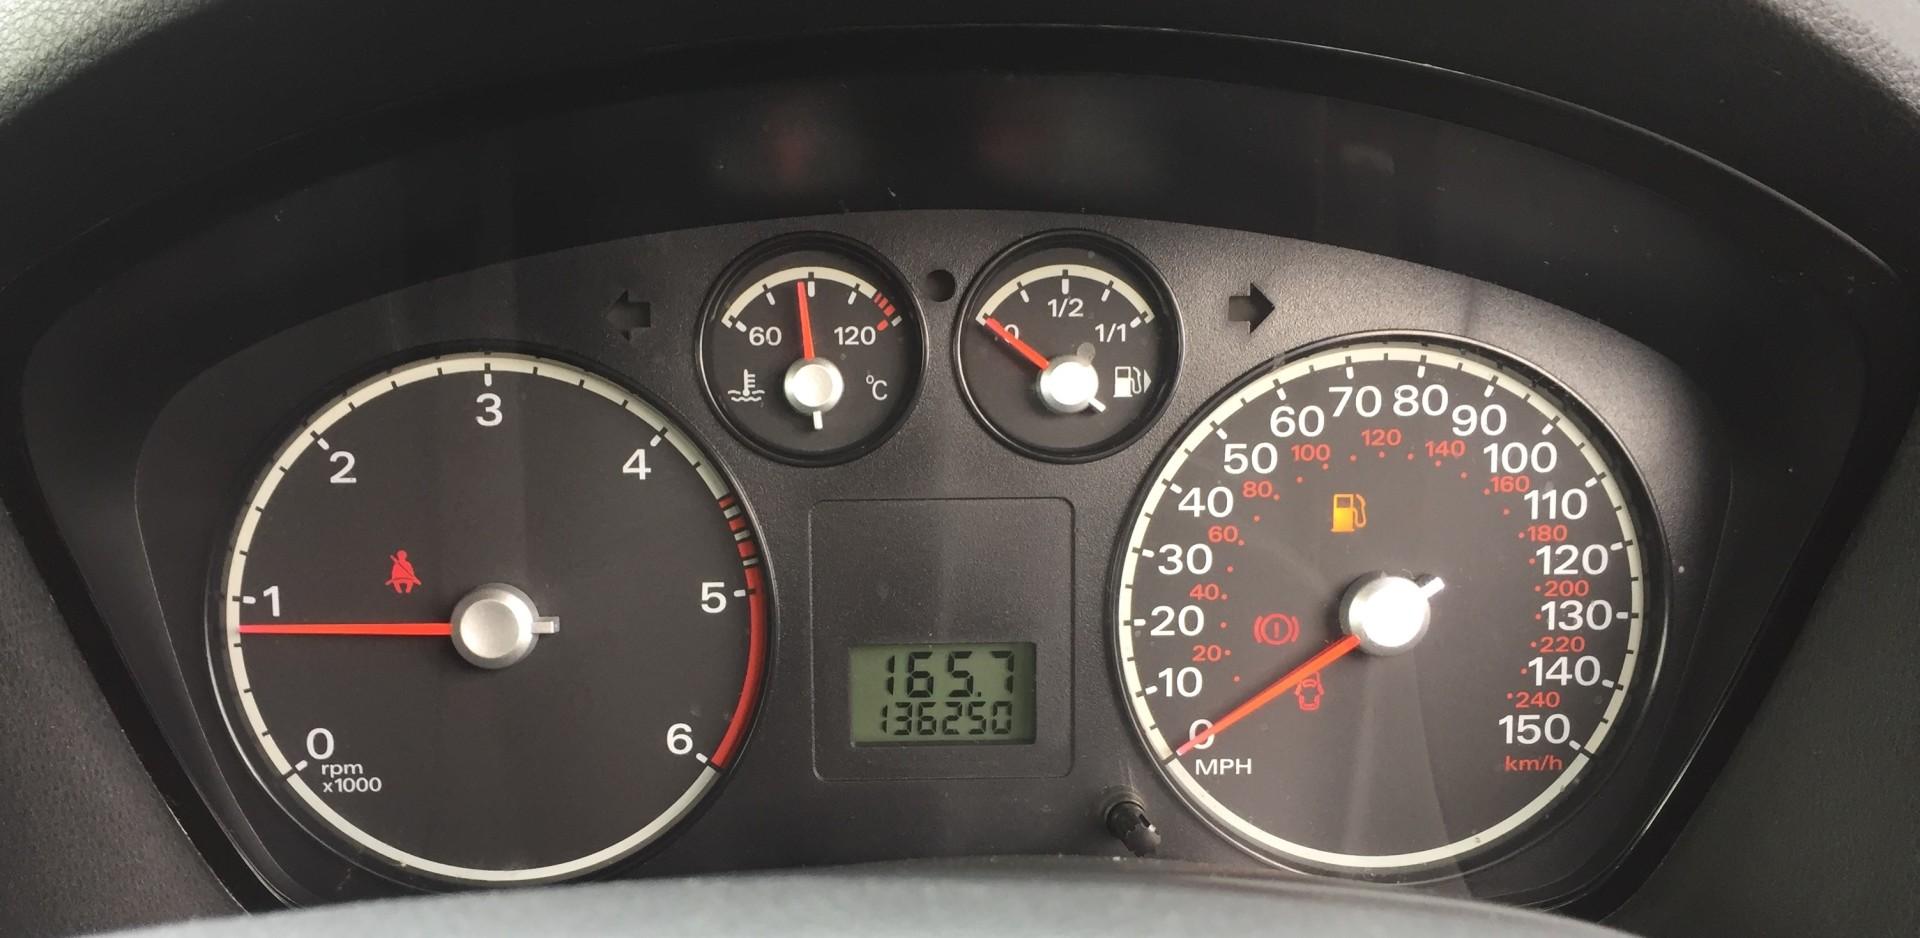 136,250 Miles